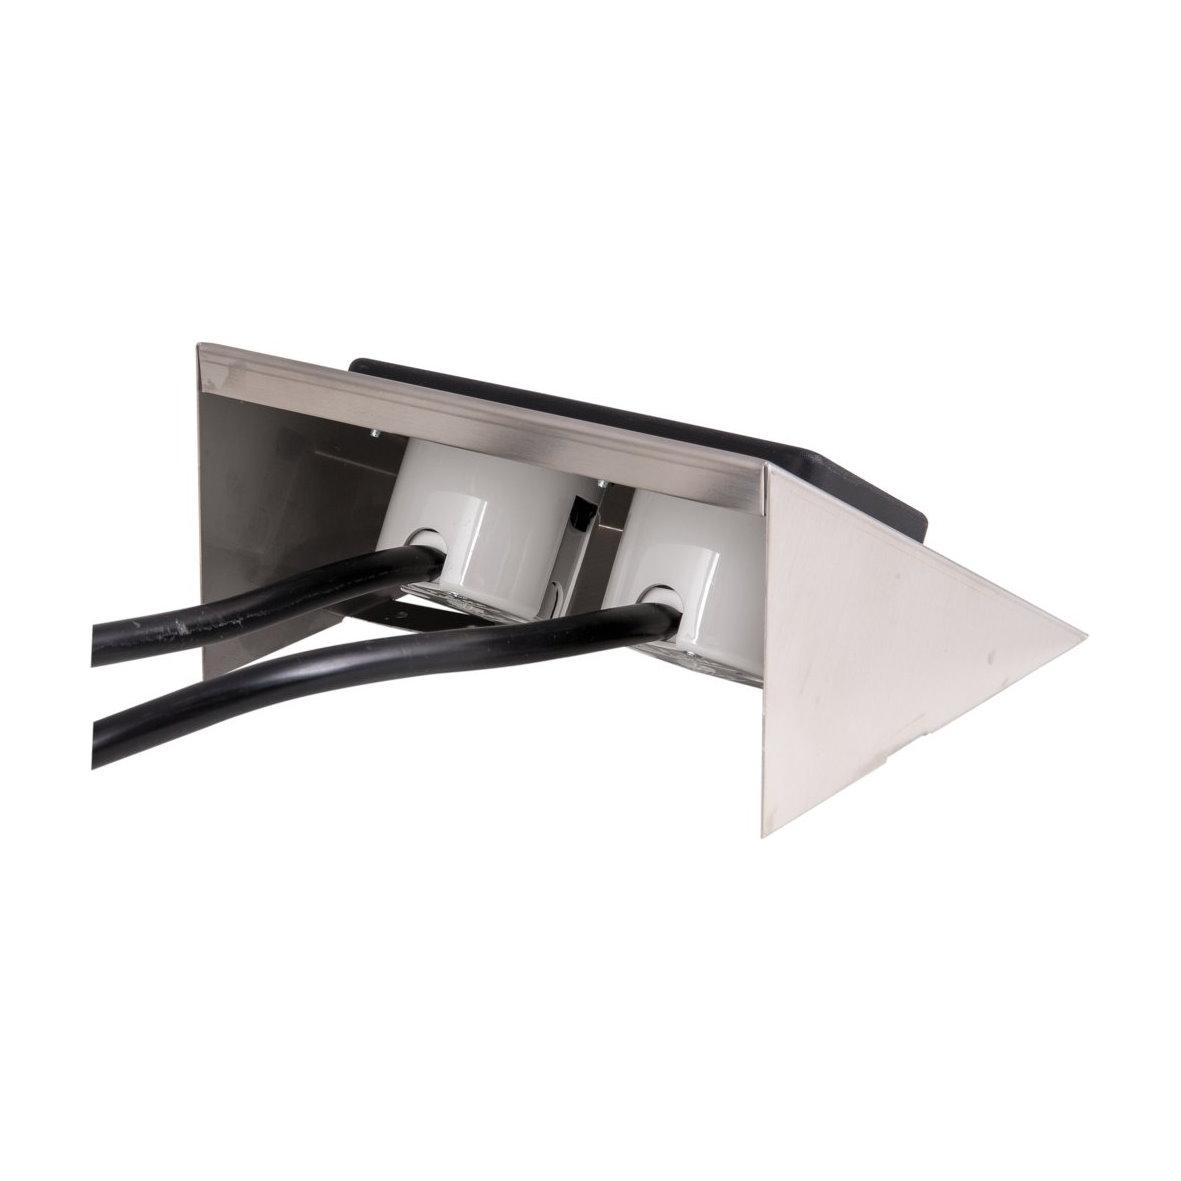 aufbau steckdose 2 fach edelstahl aufputz unterbau tisch. Black Bedroom Furniture Sets. Home Design Ideas